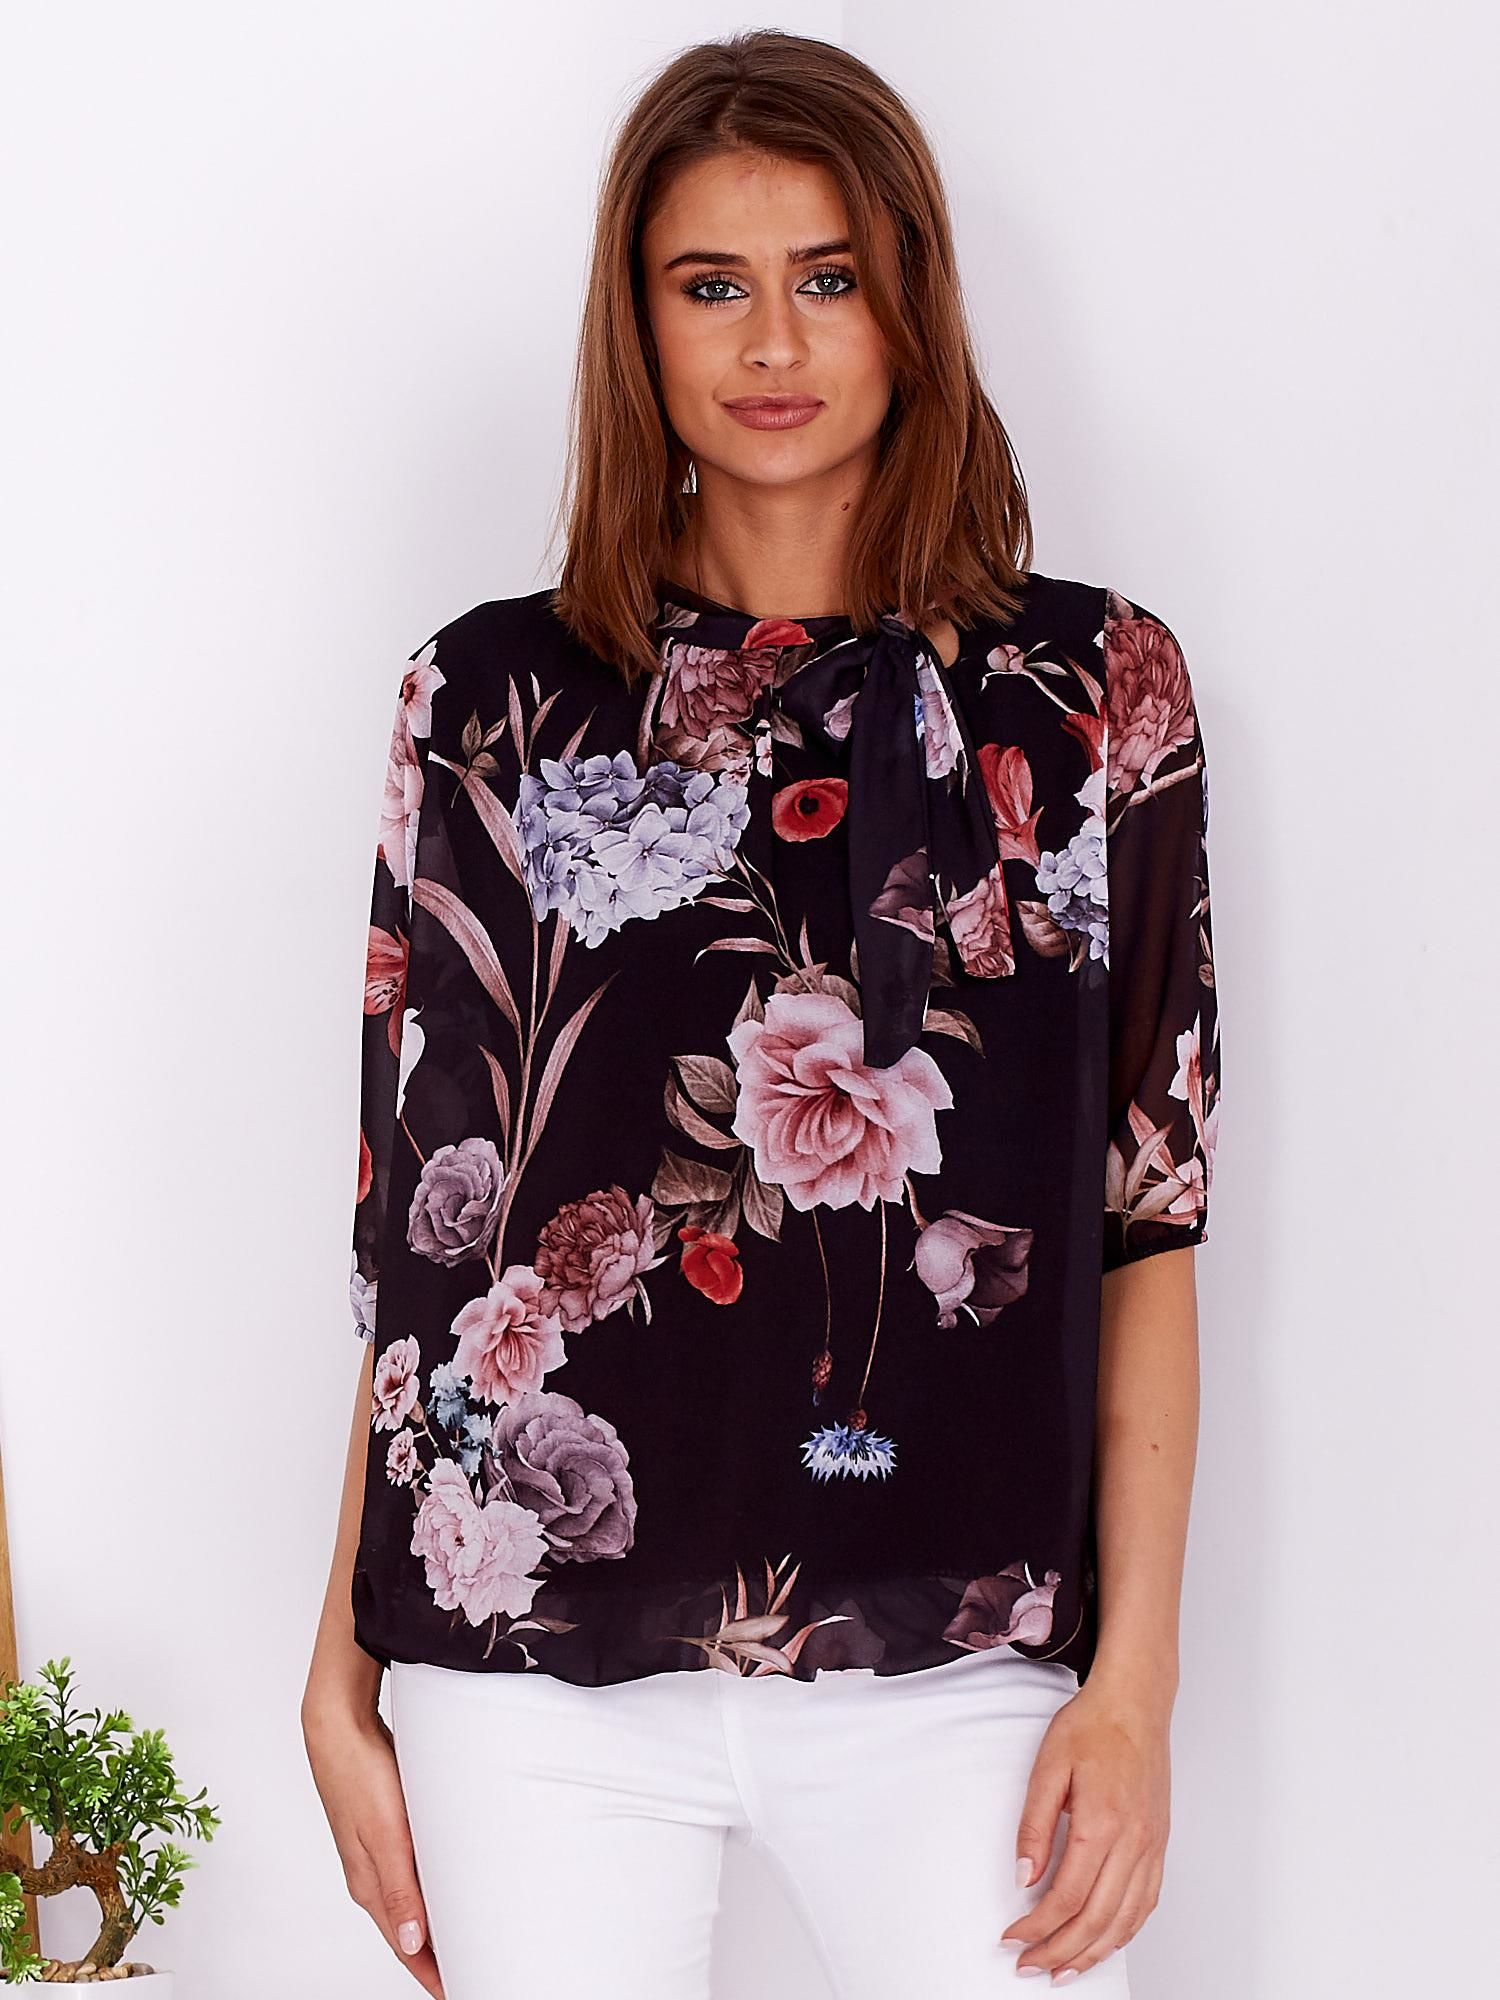 e709a86360c5 Czarna bluzka w kwiaty z wiązanym dekoltem - Bluzka one size - sklep ...